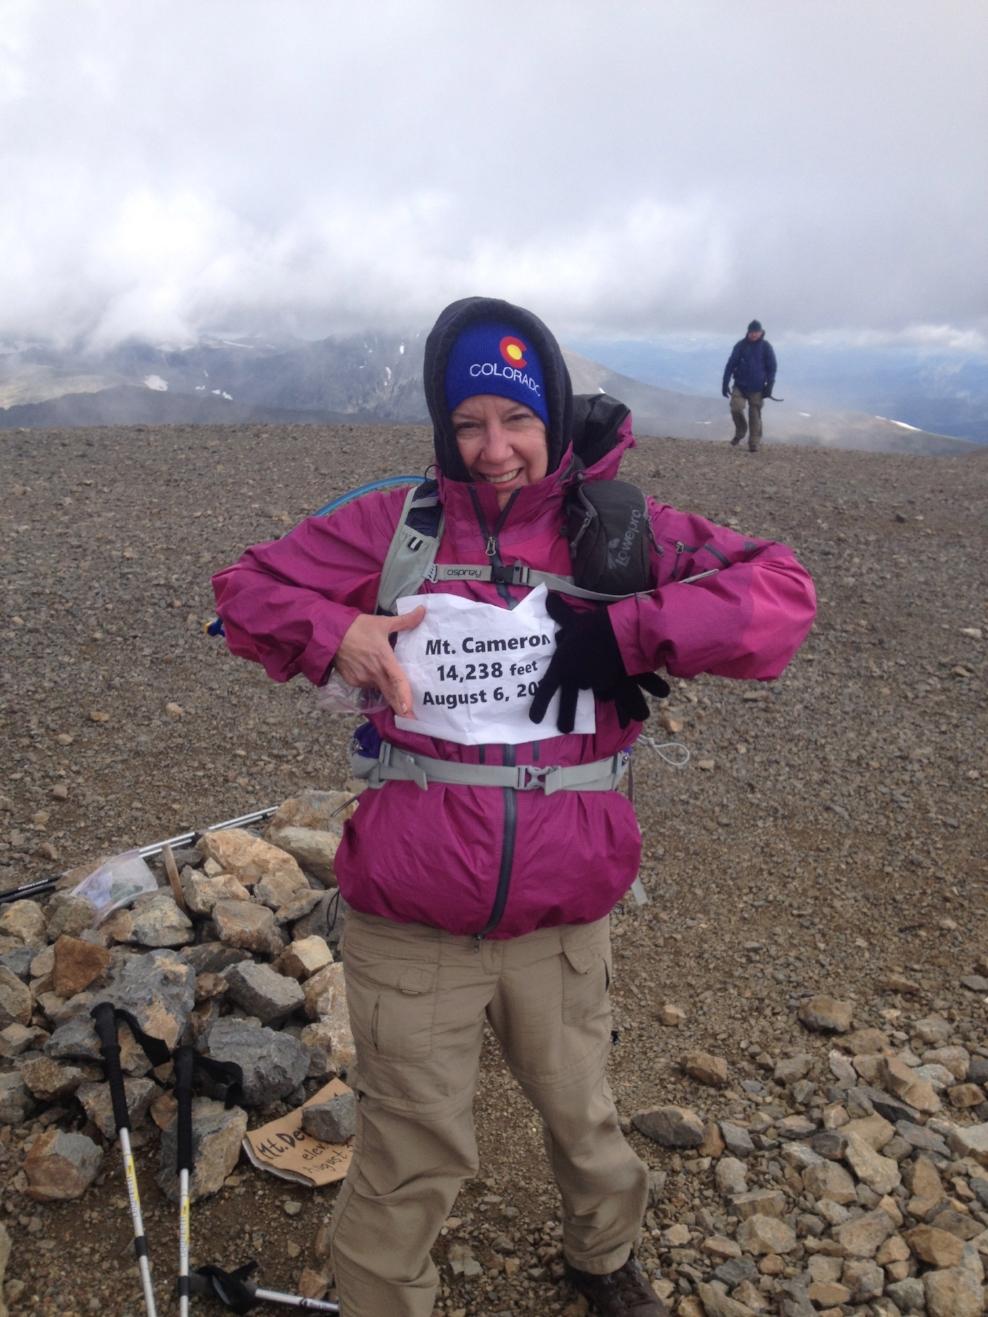 Debbie summiting Mount Cameron, in Colorado.